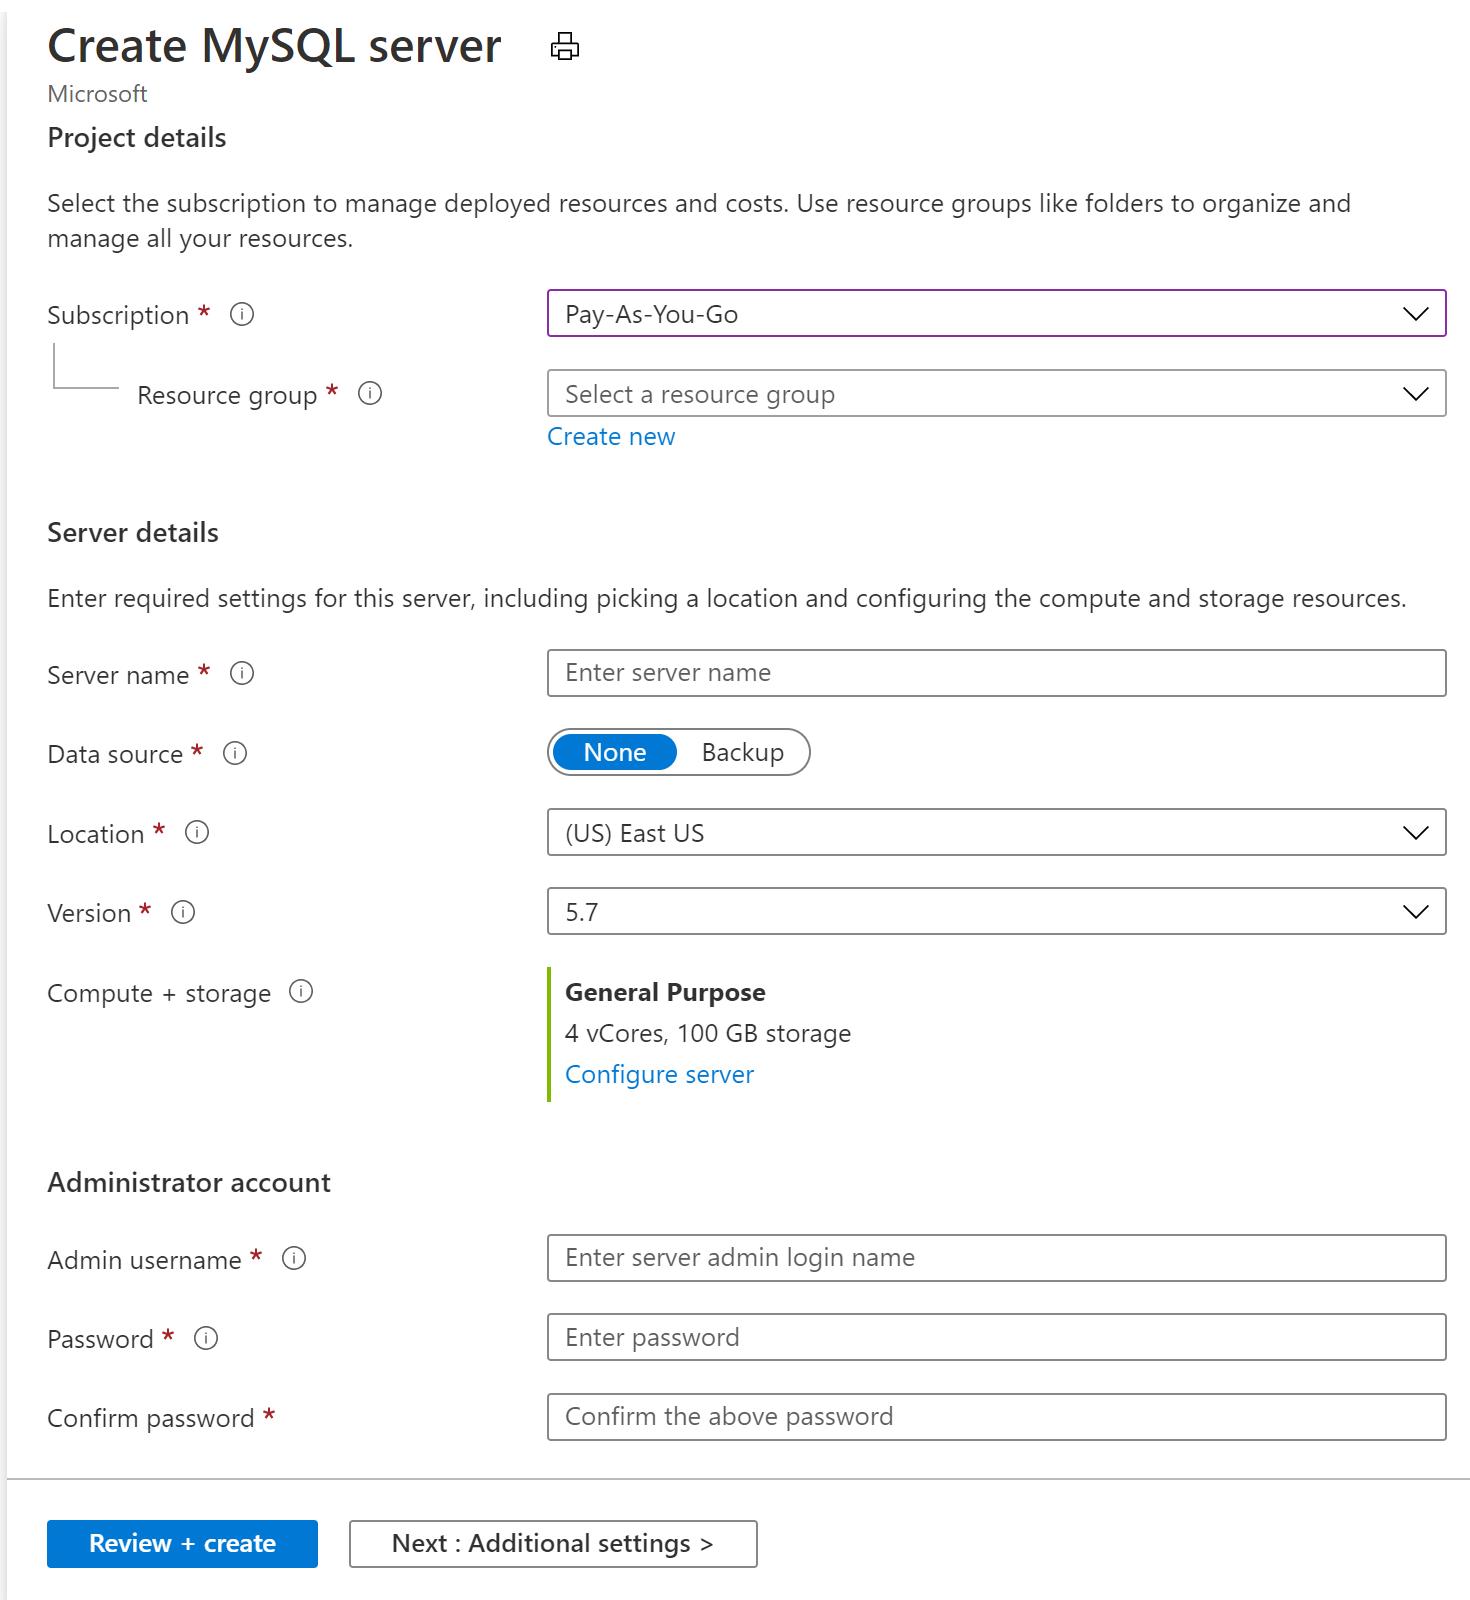 Снимок экрана: страница создания сервера MySQL.